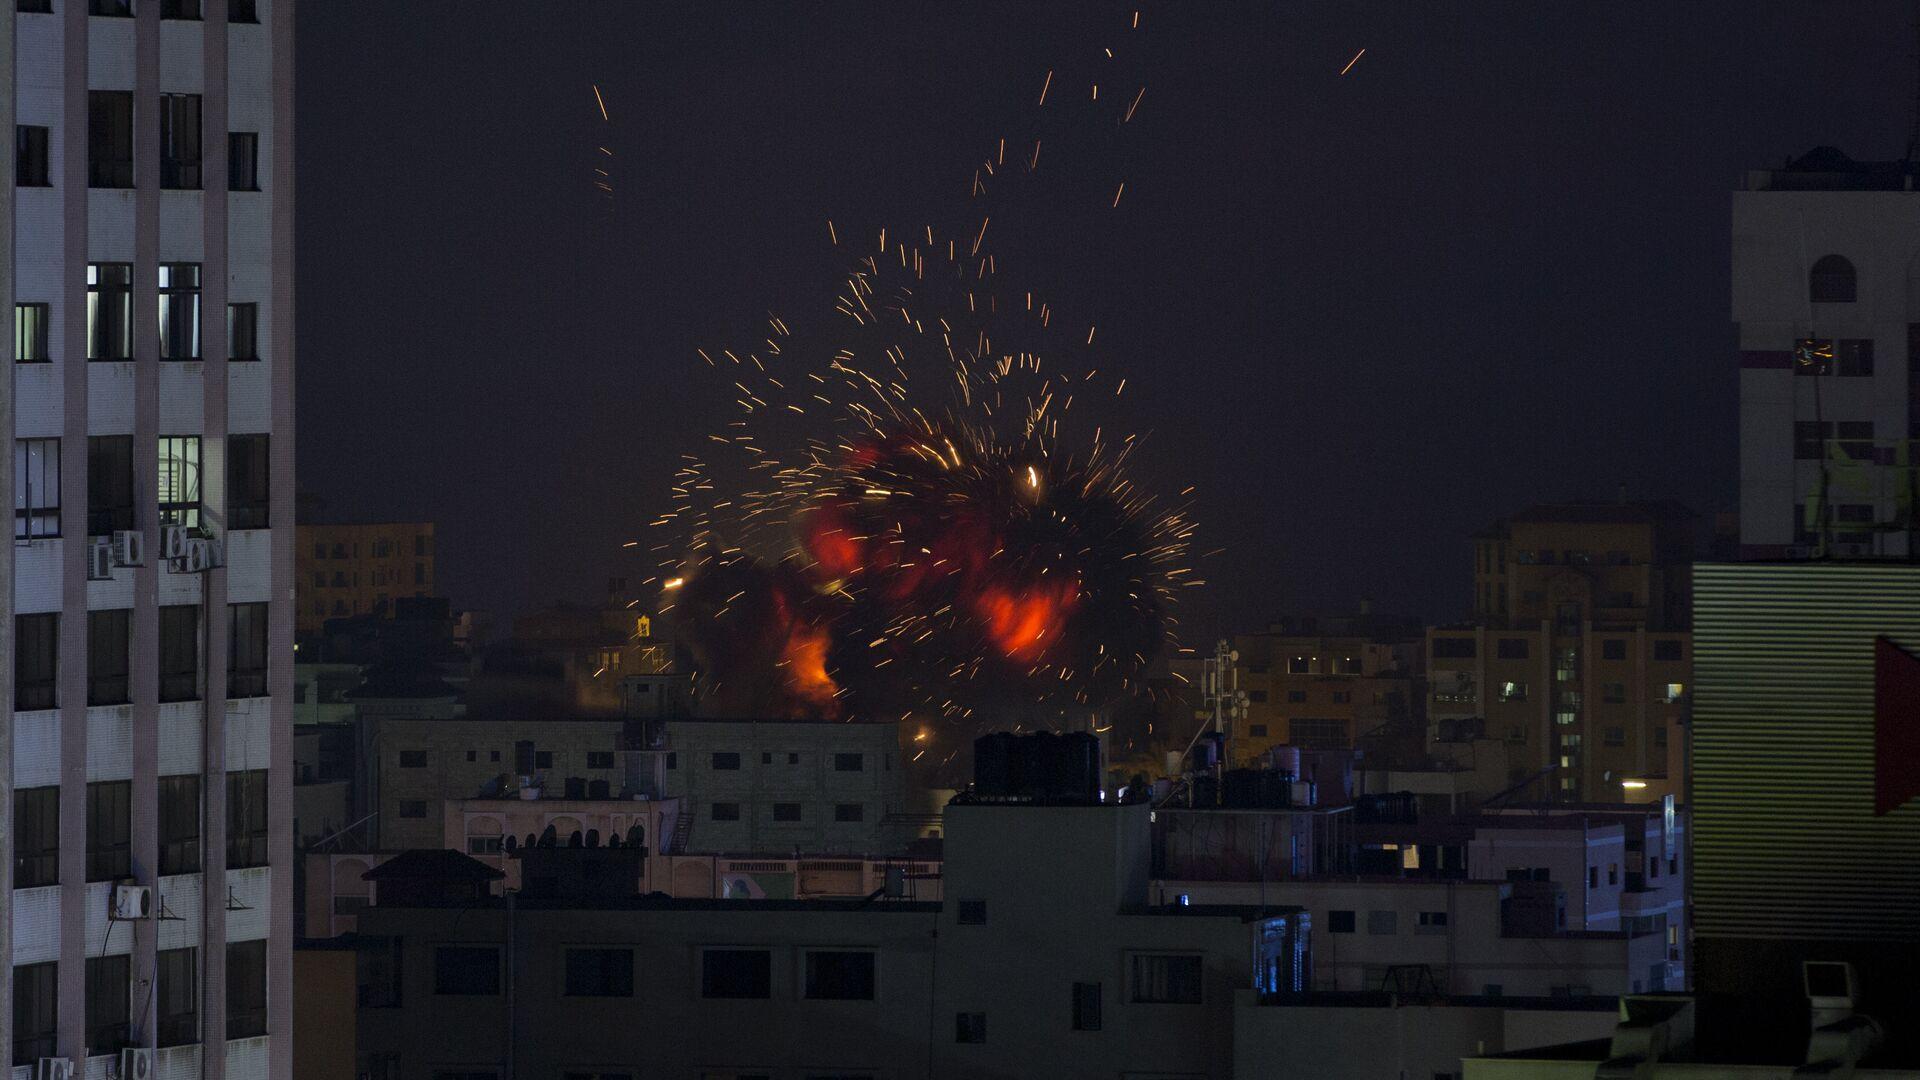 Έκρηξη σε κτίριο στη Γάζα από αεροπορική επιδρομή του Ισραήλ στις 4 Μαΐου 2019 - Sputnik Ελλάδα, 1920, 13.05.2021